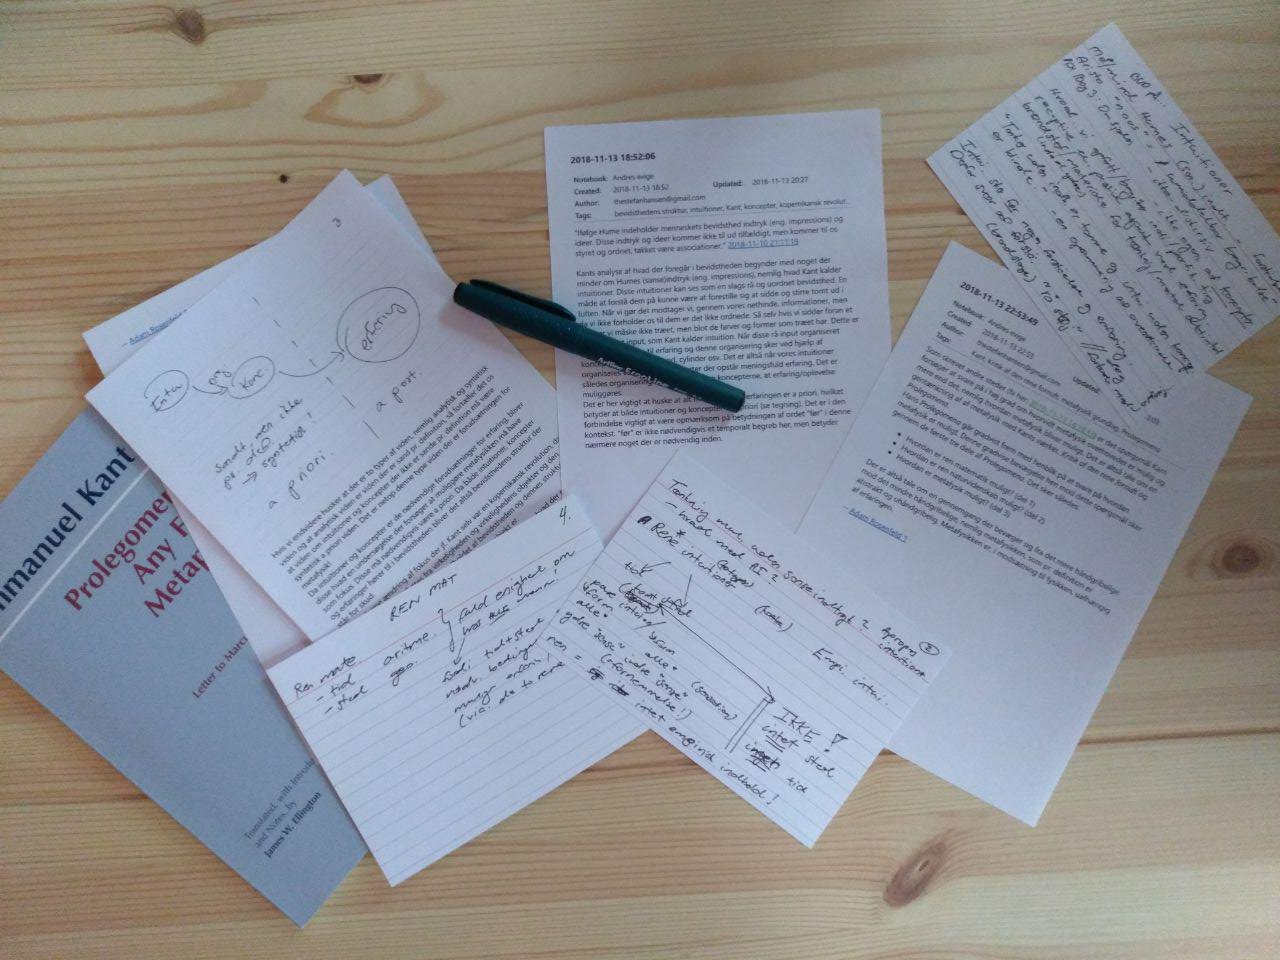 Рабочий стол Стефана в процессе чтения